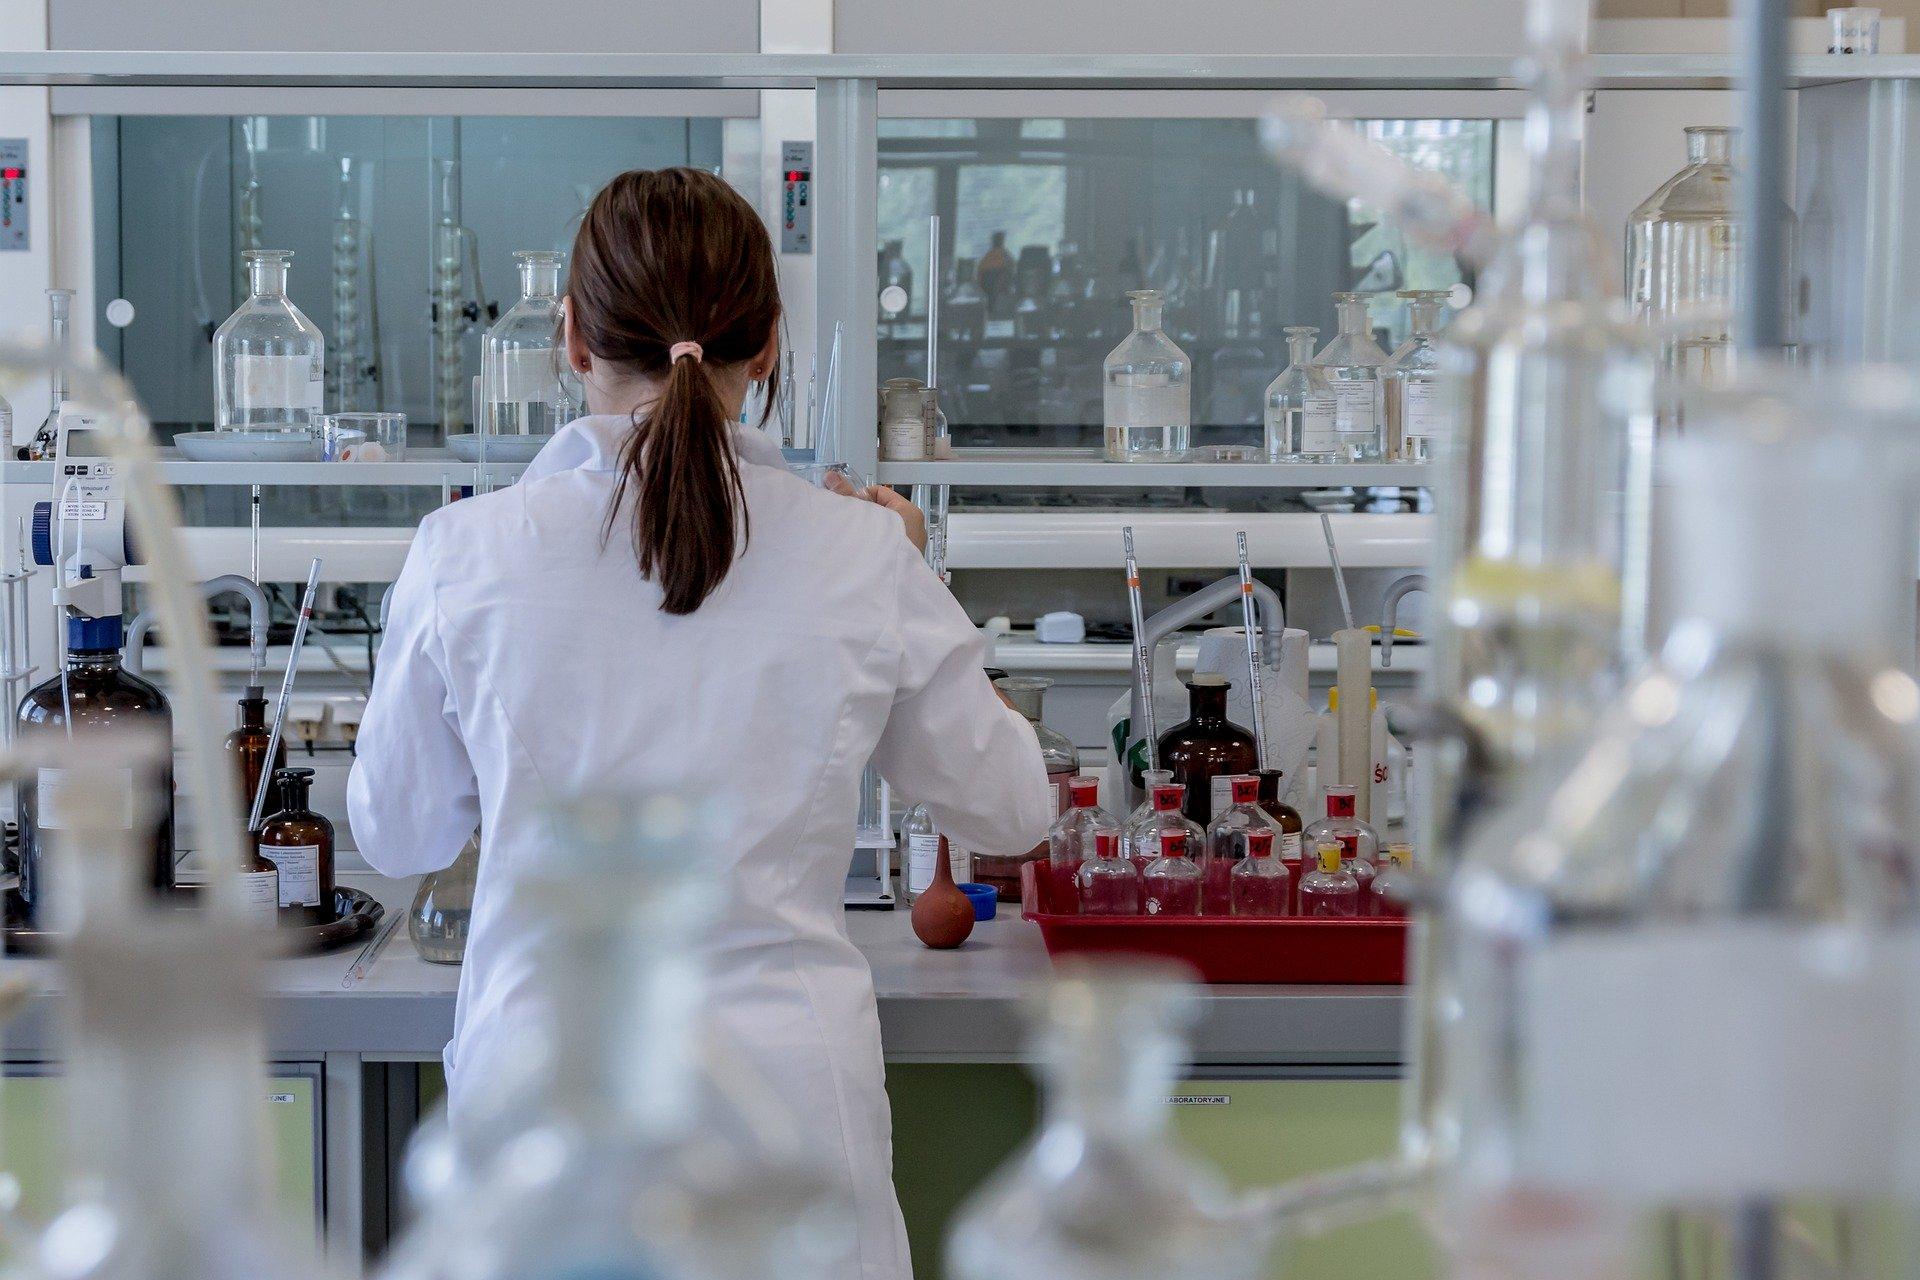 Kanser Tedavisi Geliştirmek İçin 70 Milyon Dolarlık Yatırım